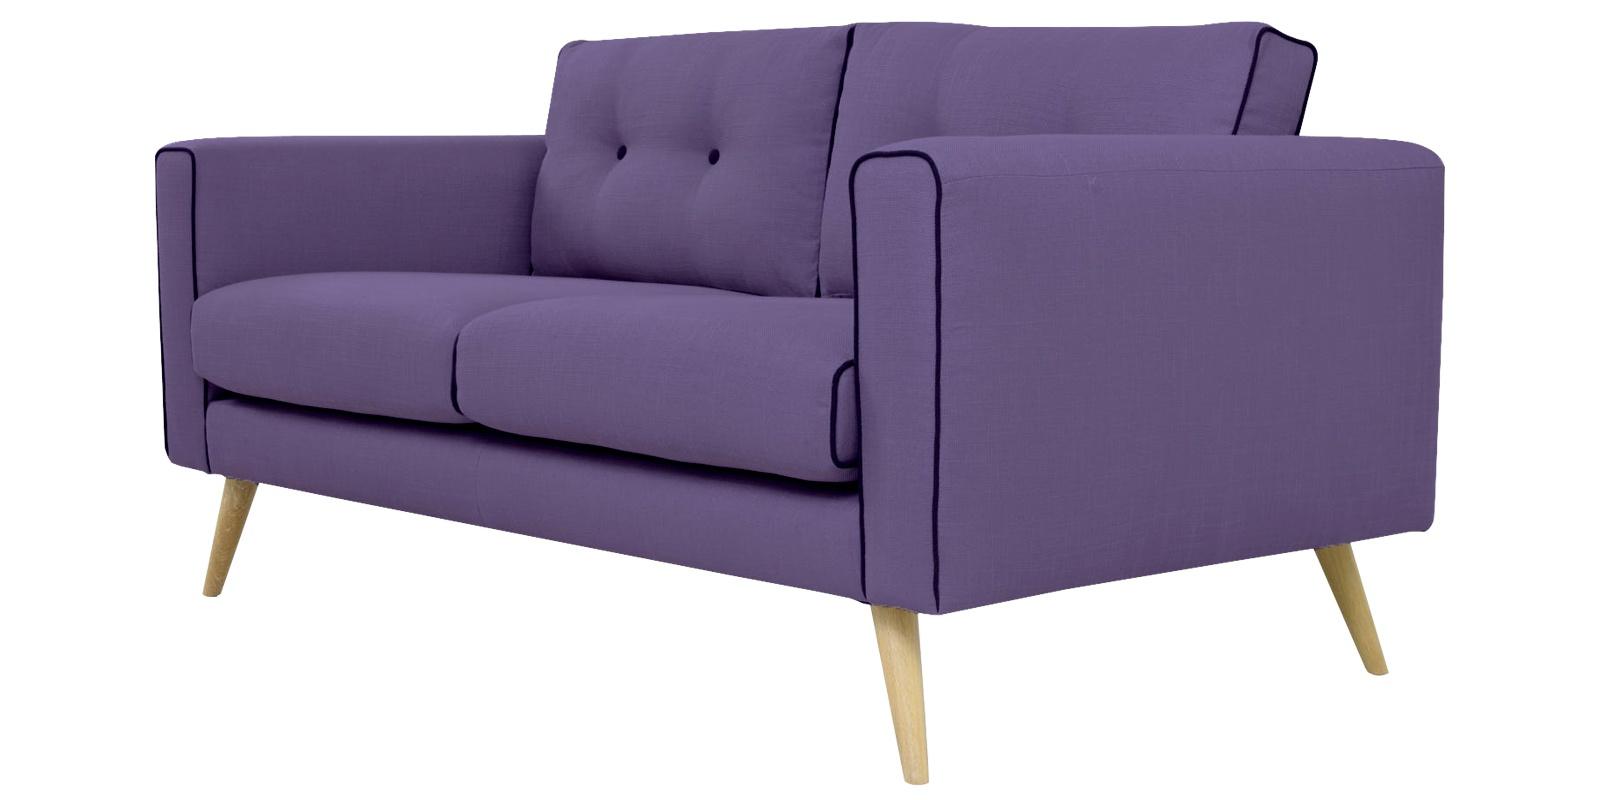 Modernize Two Seater Sofa In Light Purple Colour Dreamzz